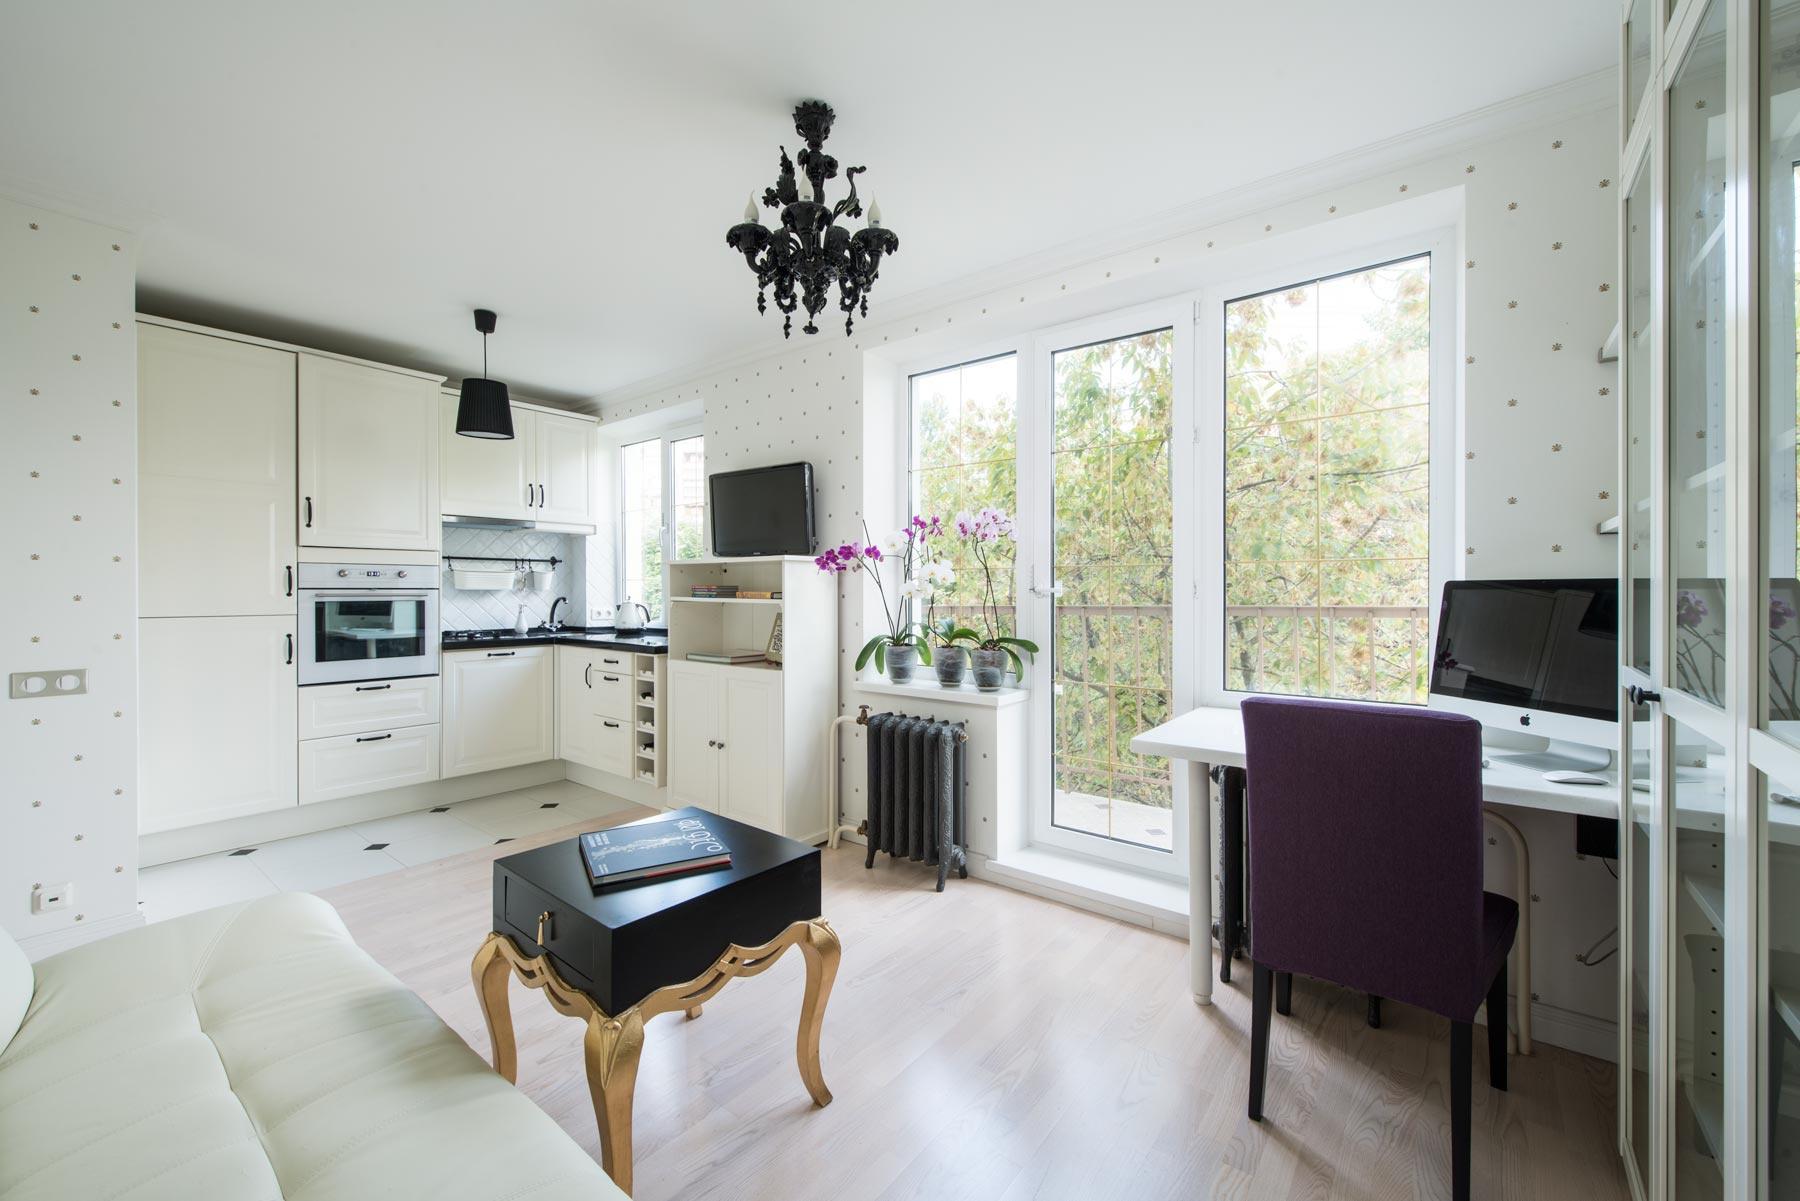 Объединение кухни и гостинной в двухкомнатной квартире